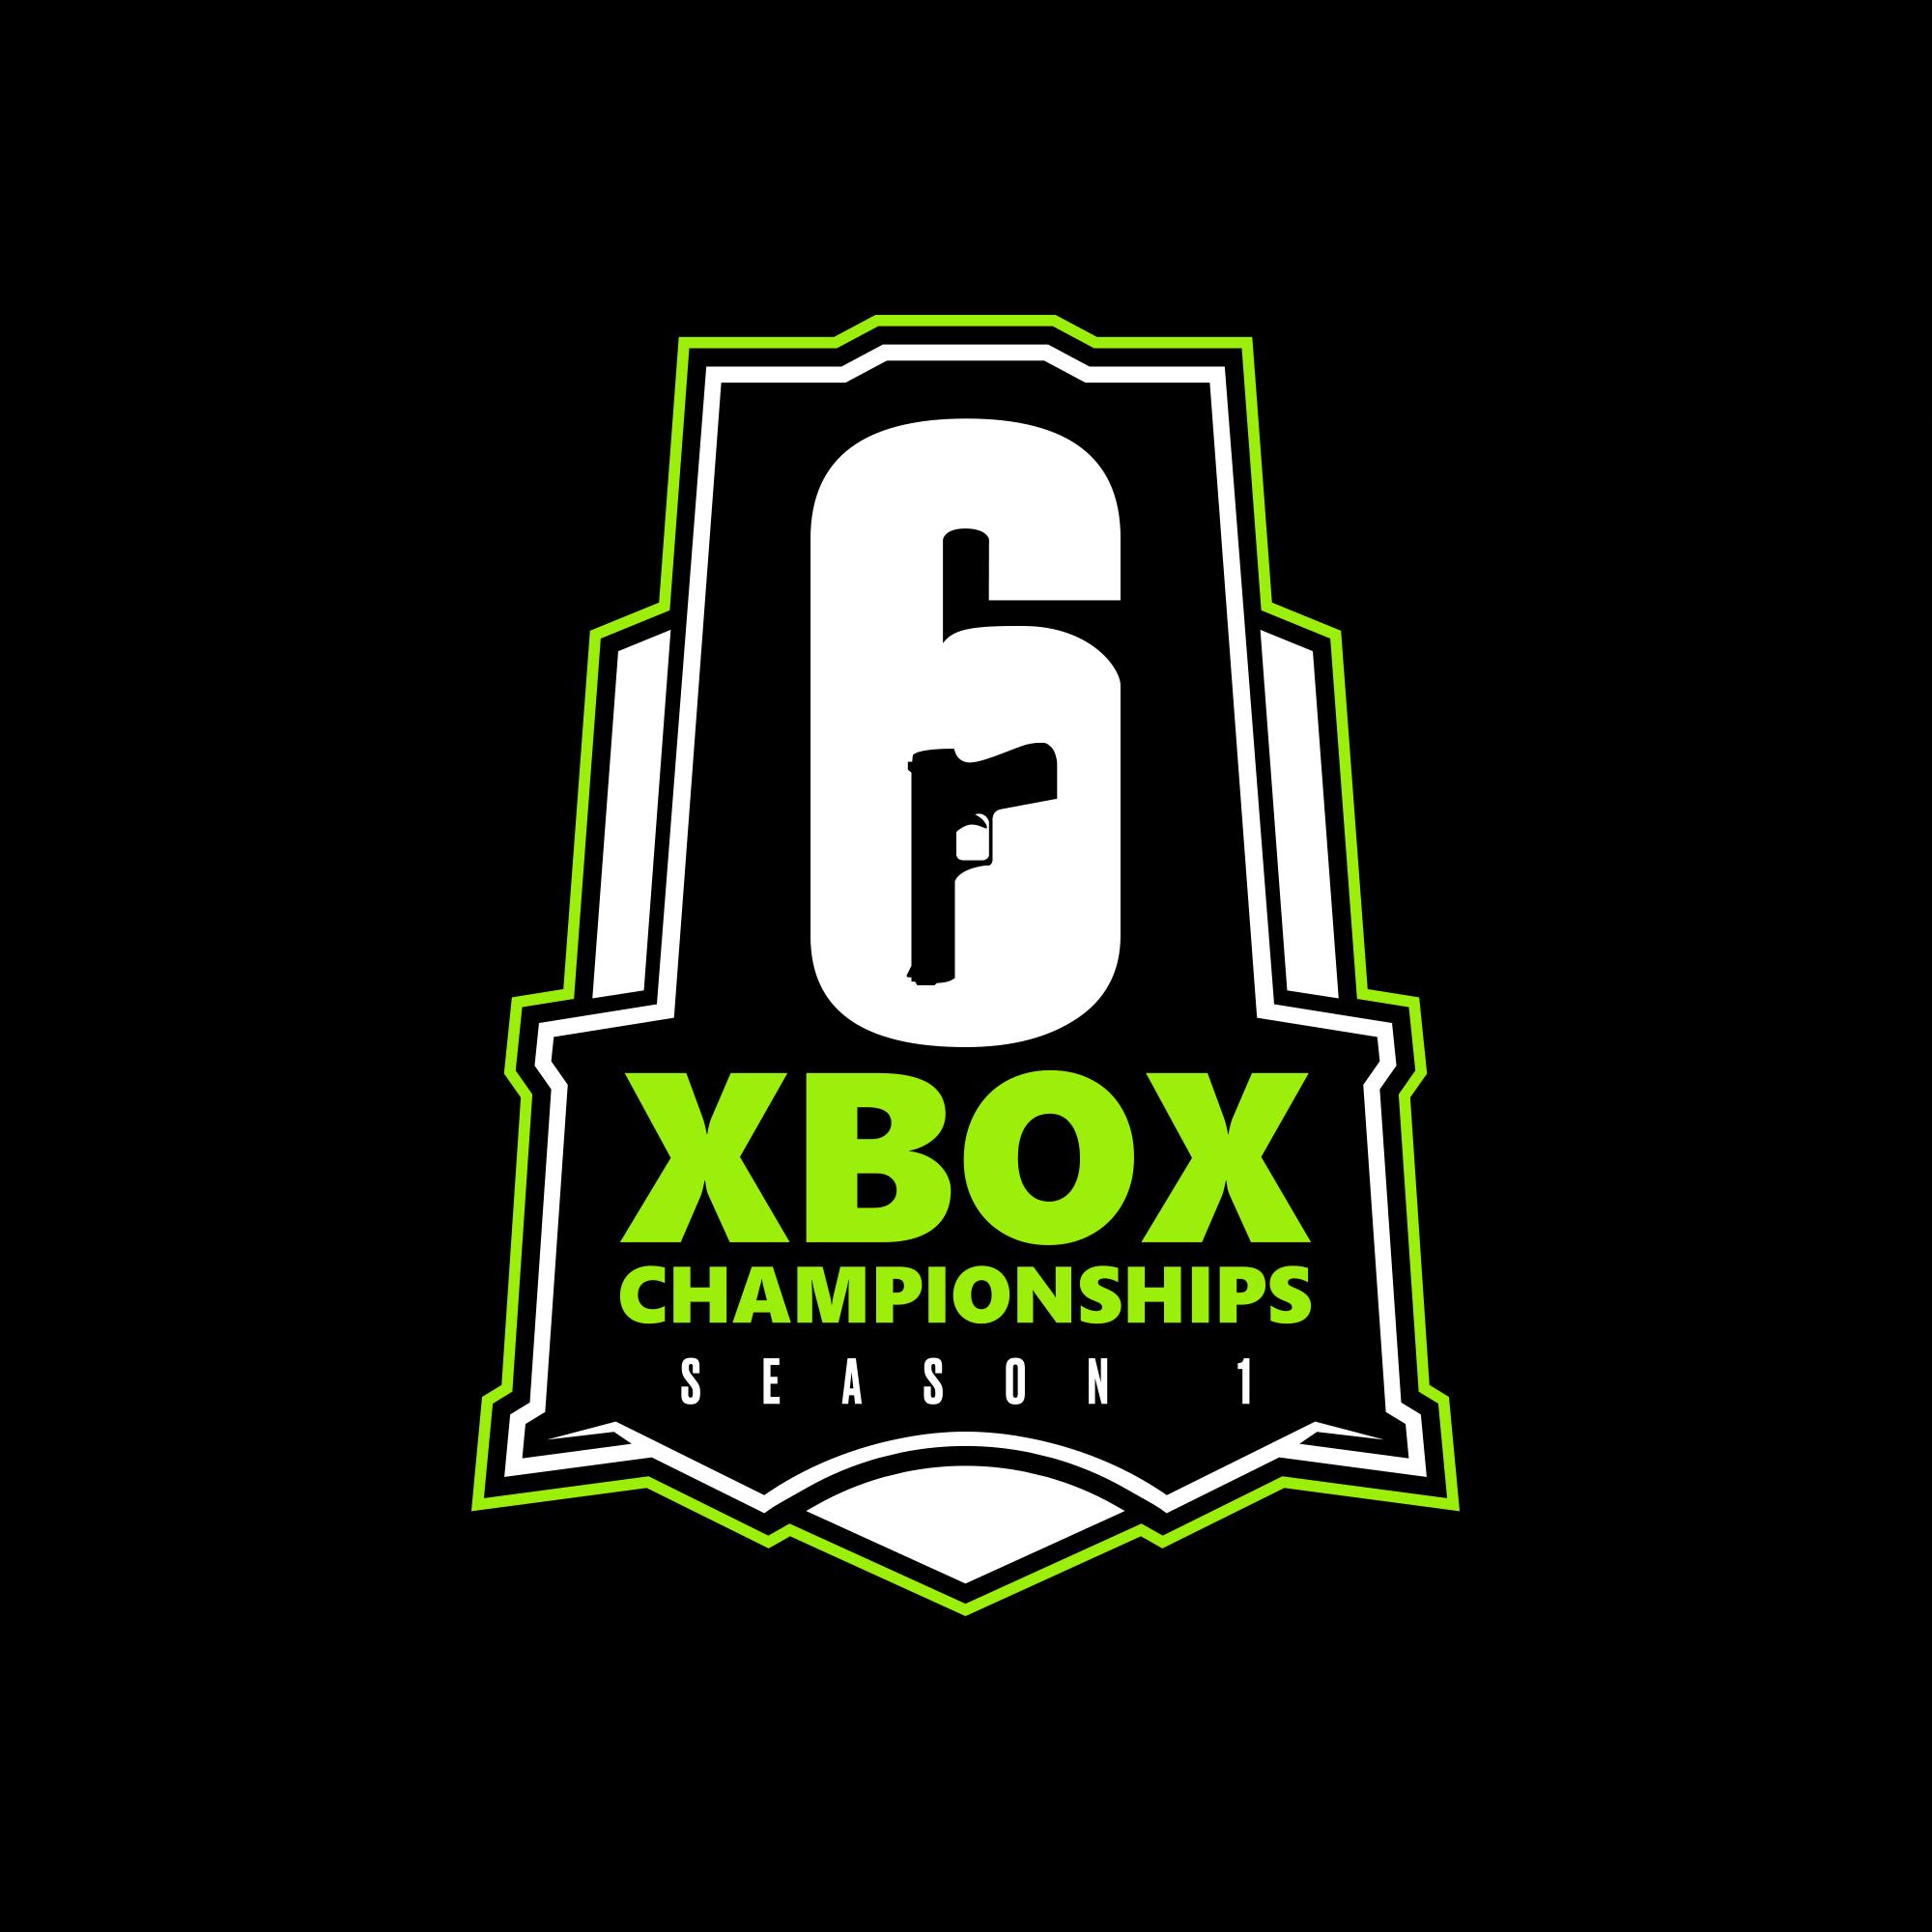 Logo Turnier R6S Xbox Championships Season #1 [Quali 1]